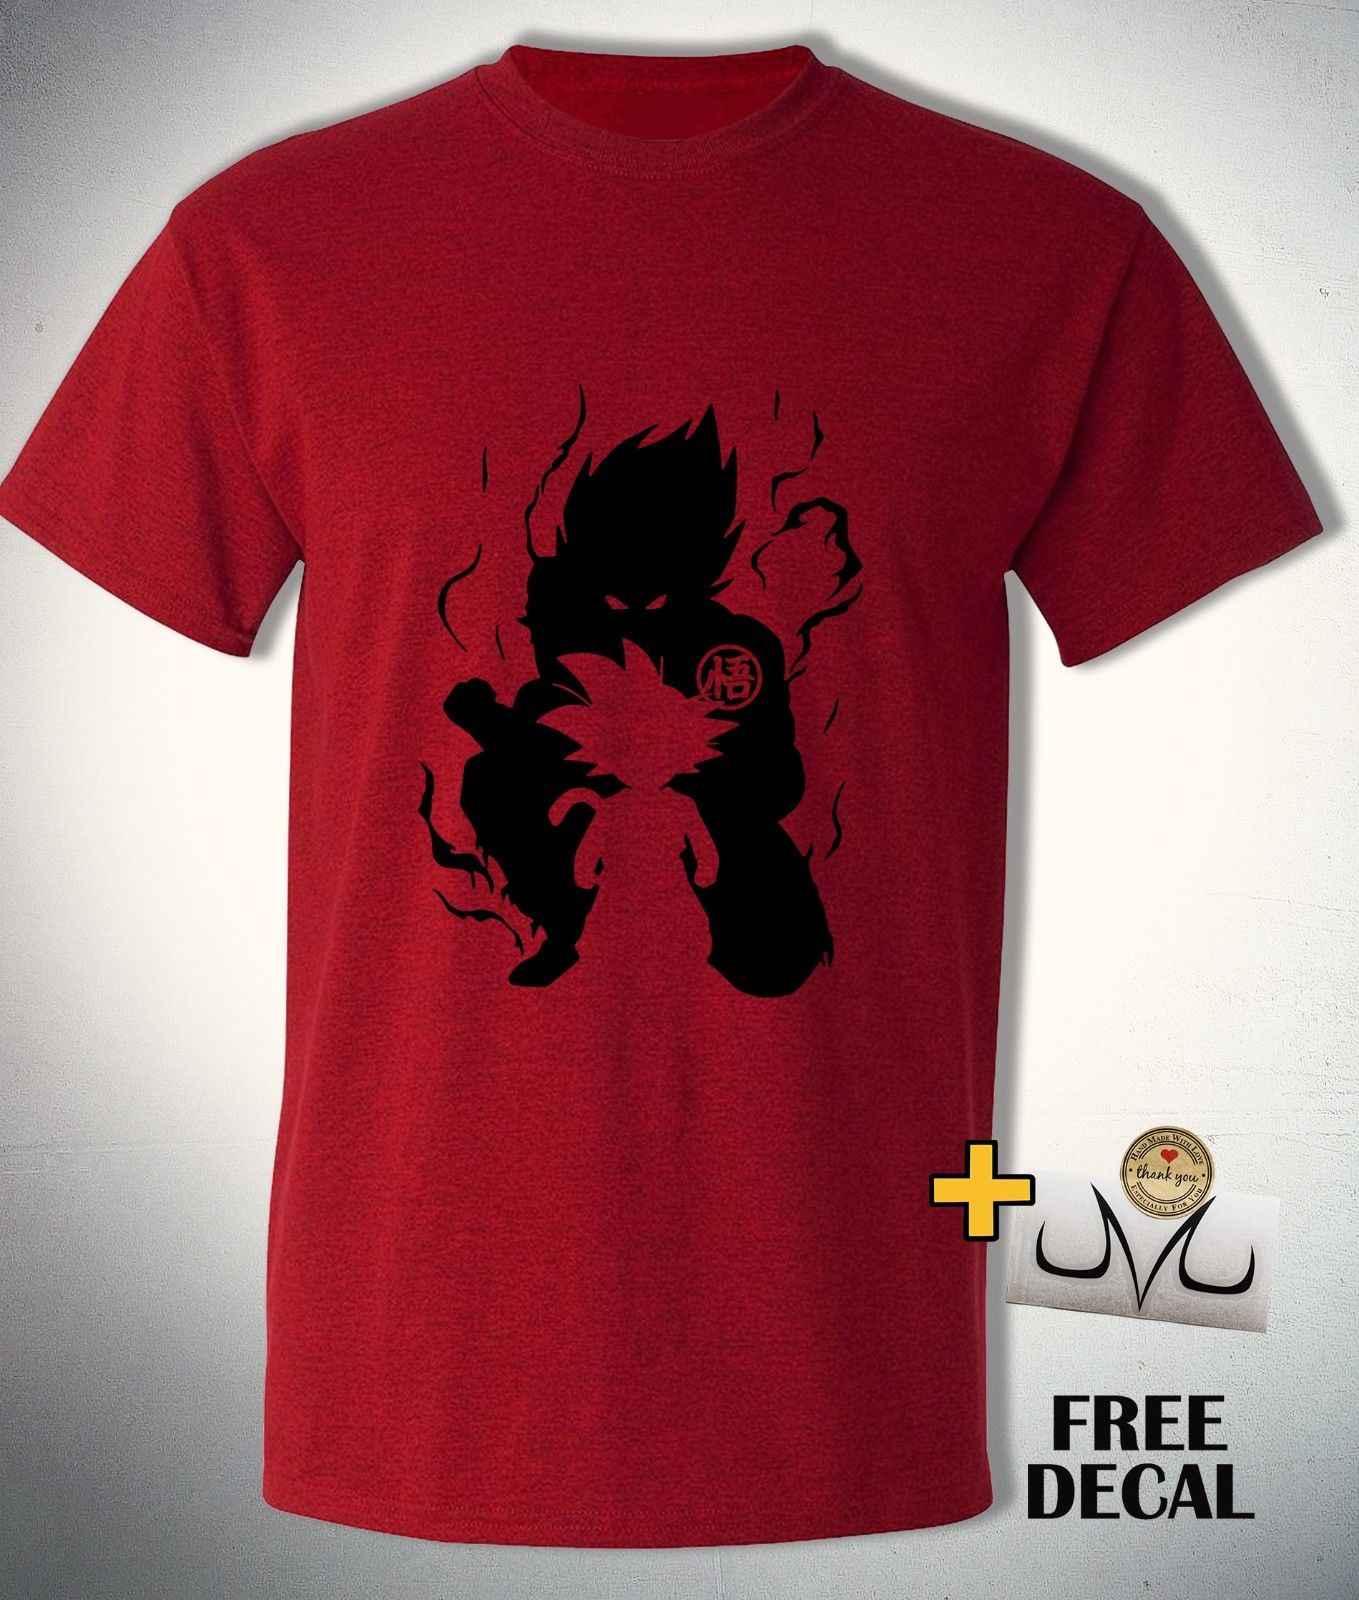 DBZ SSJ футболка Goku для детей и взрослых Супер Саян Гоку Evolution Dragon Ball Z аниме футболка Бесплатная доставка Harajuku топы Футболка Мода